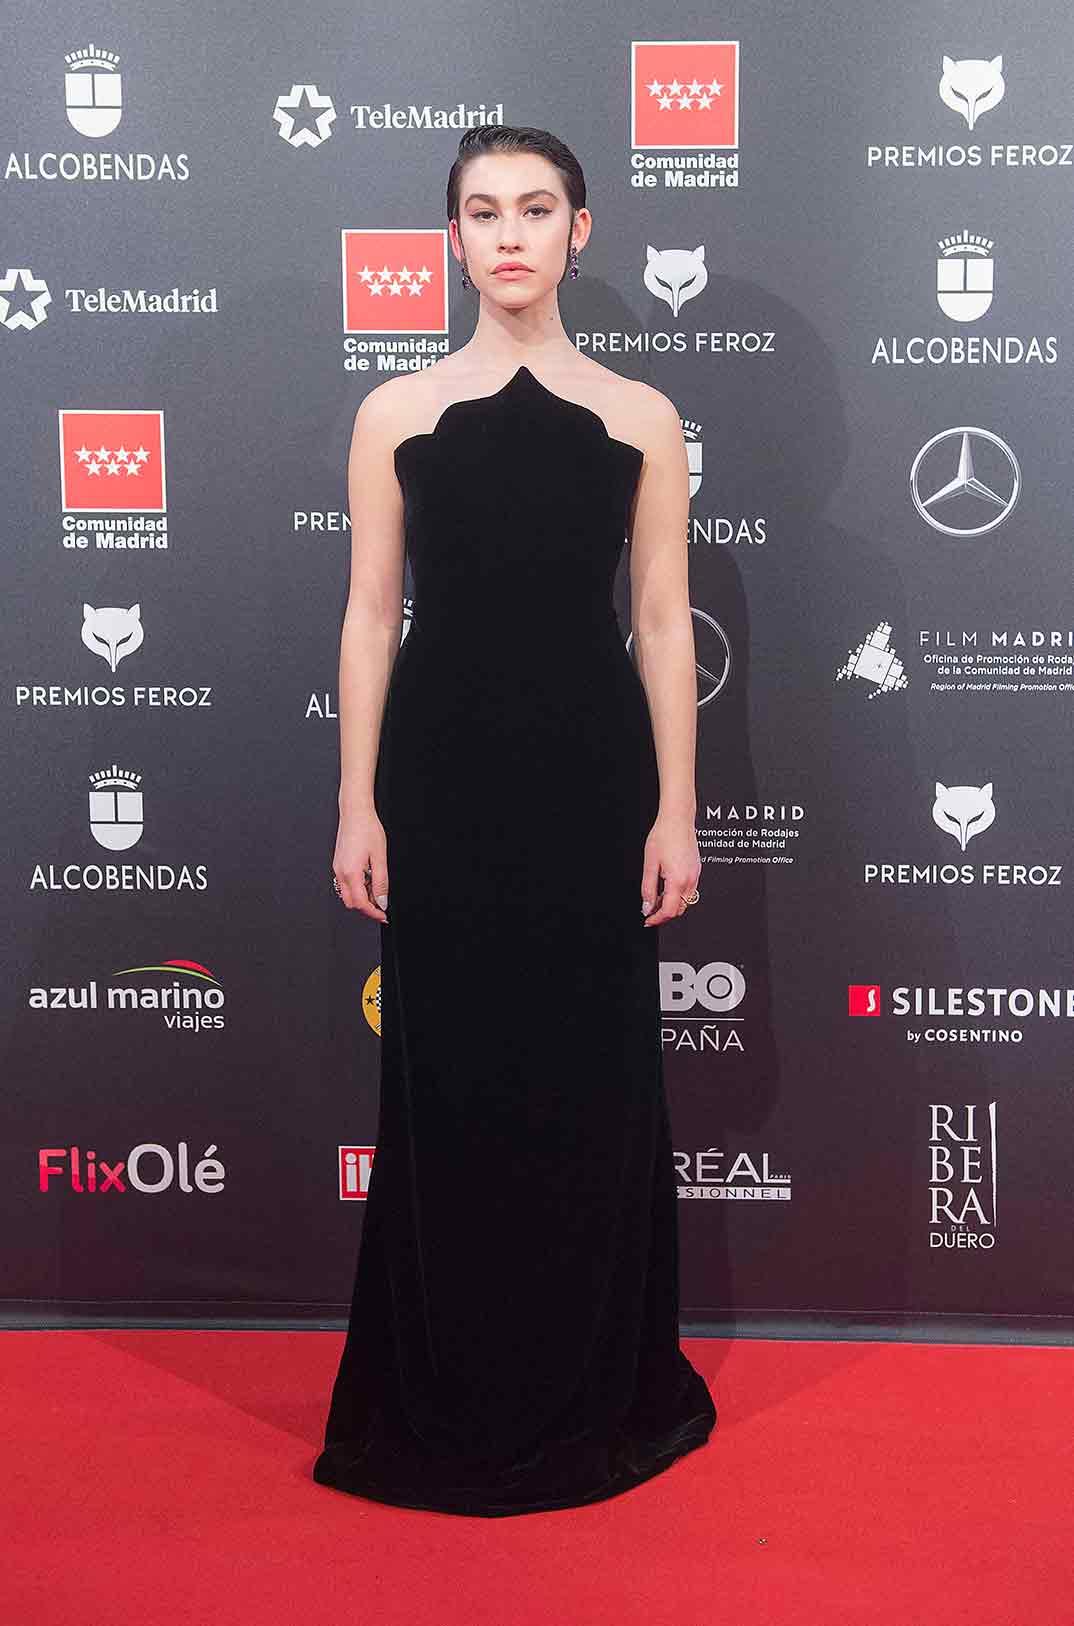 Greta Fernández - Premios Feroz 2020